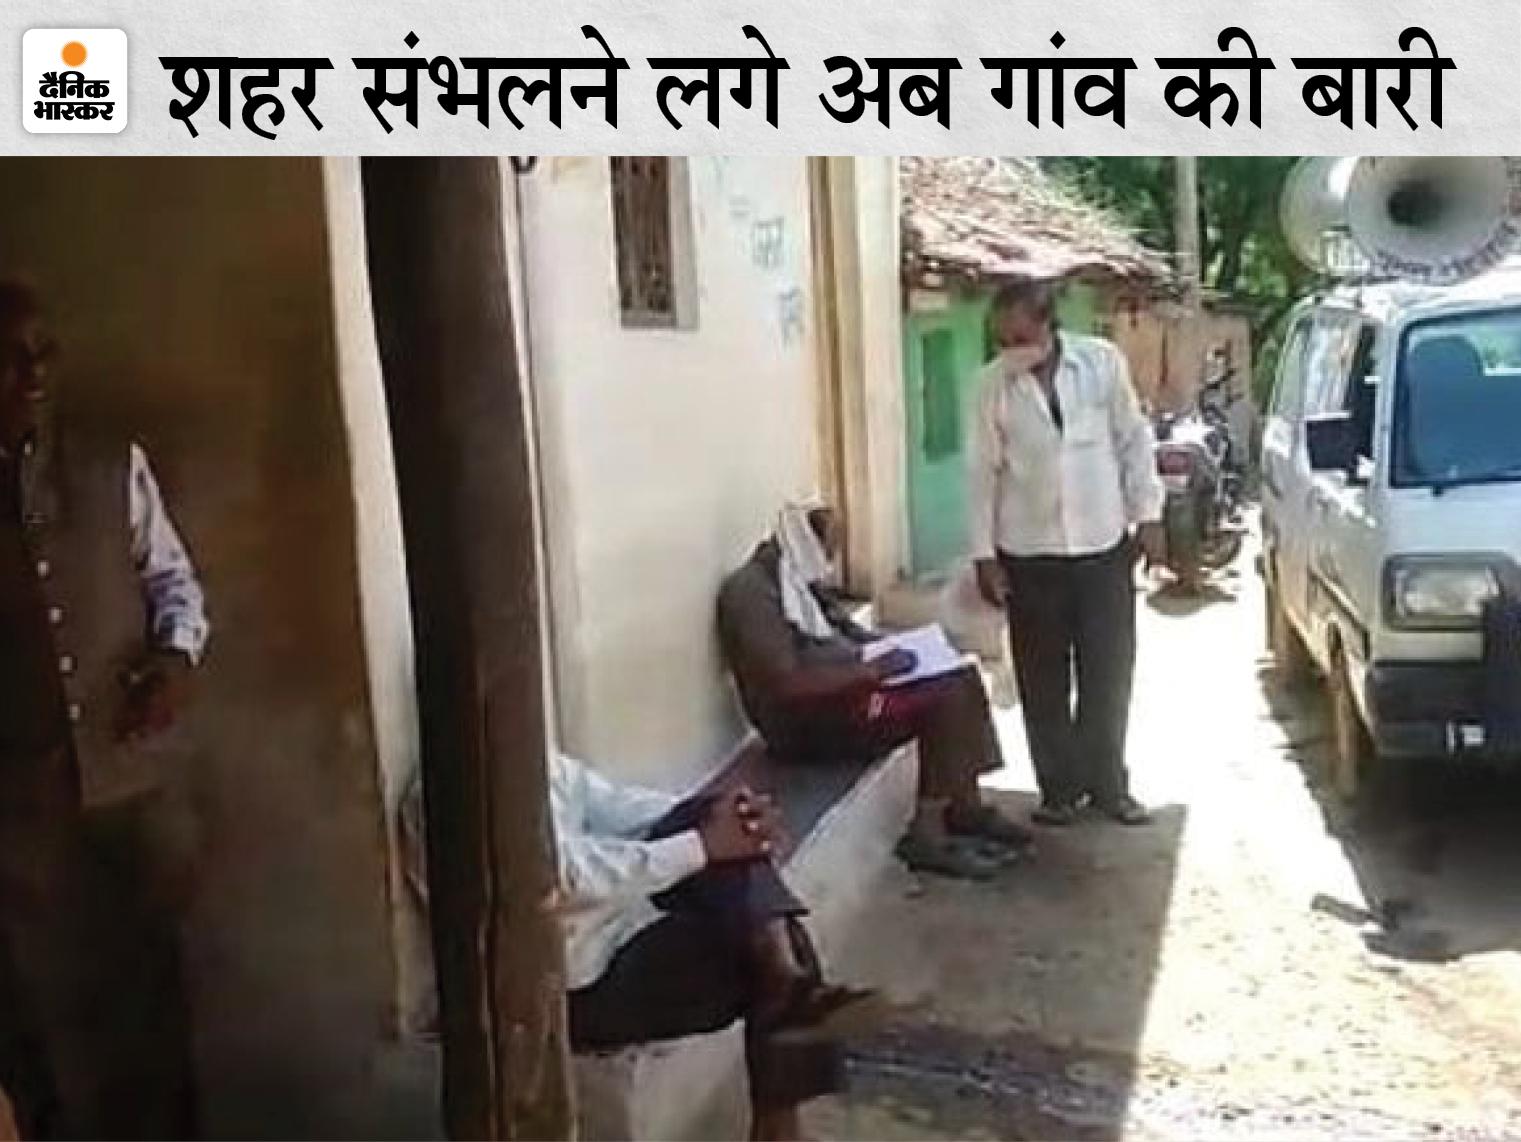 कलेक्टर के आदेश पर सभी धार्मिक, सामाजिक और शादी समारोह पर रोक लगा दी गई है; उल्लघंन करने पर सजा होगी|भोपाल,Bhopal - Dainik Bhaskar